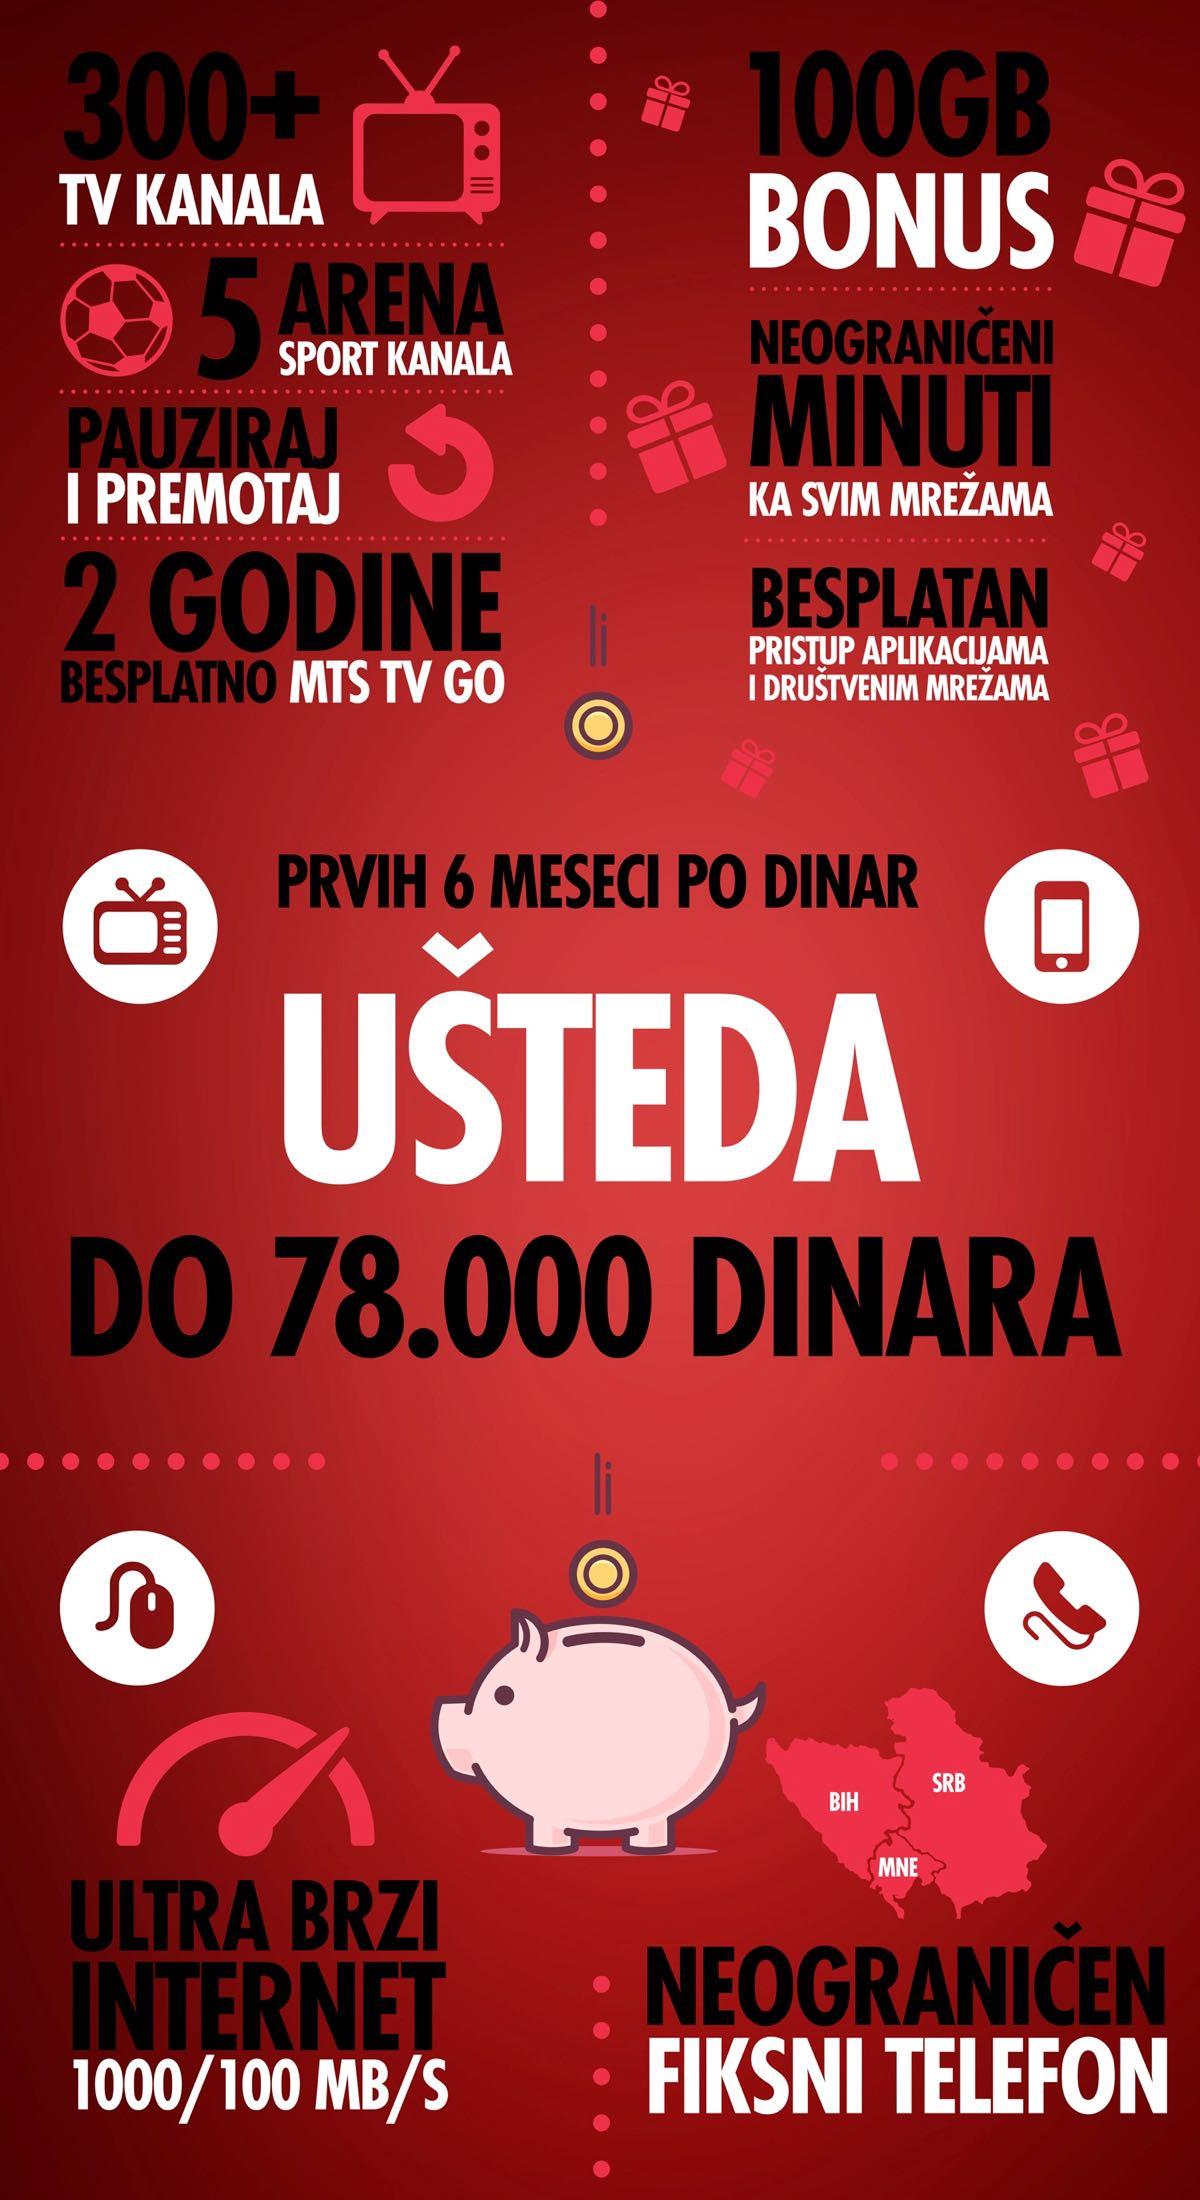 Photo of Kako uštedeti od 22.000 do 78.000 dinara za 6 meseci